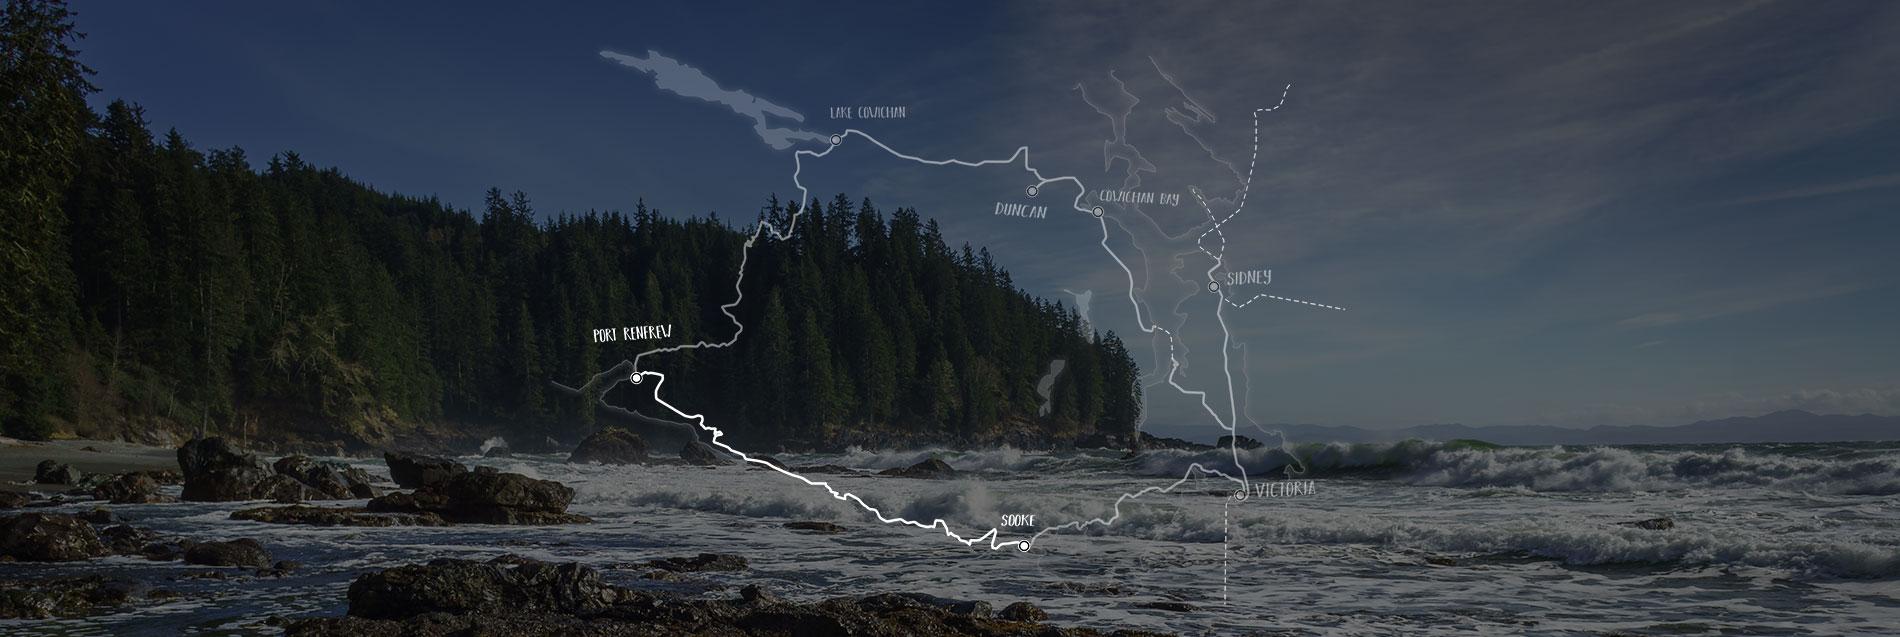 Pacific Marine Circle Route third leg